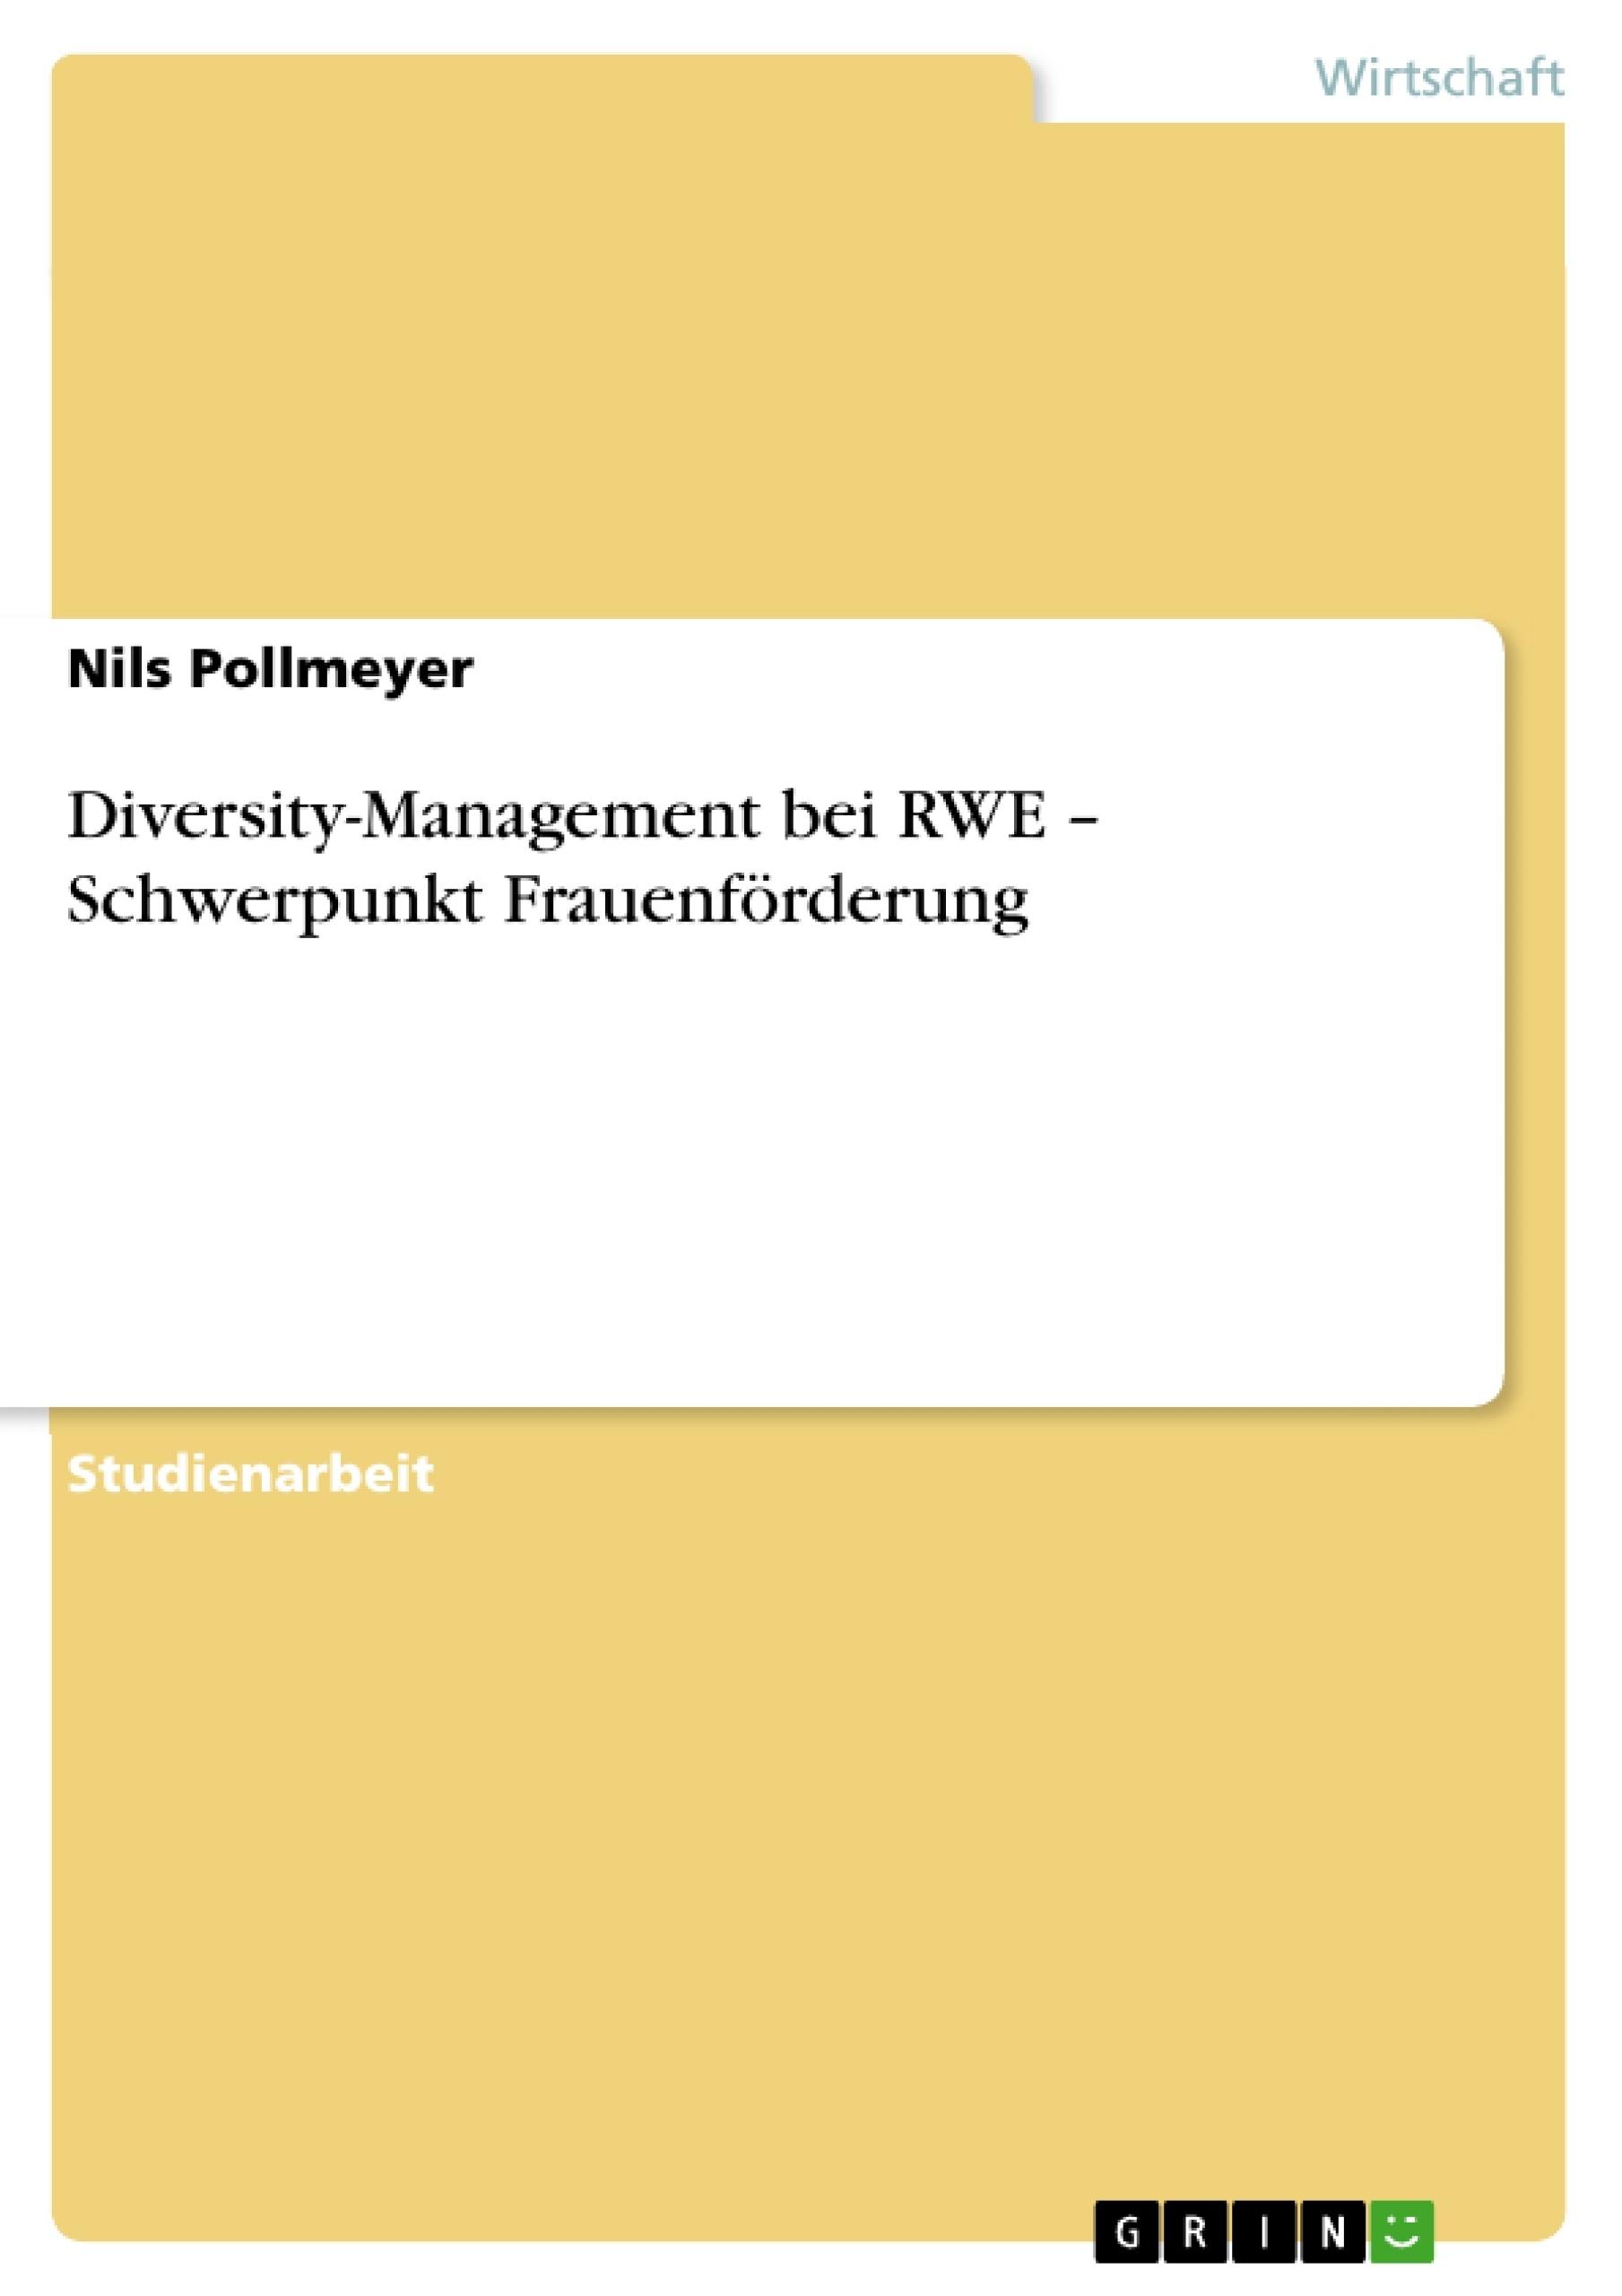 Titel: Diversity-Management bei RWE – Schwerpunkt Frauenförderung